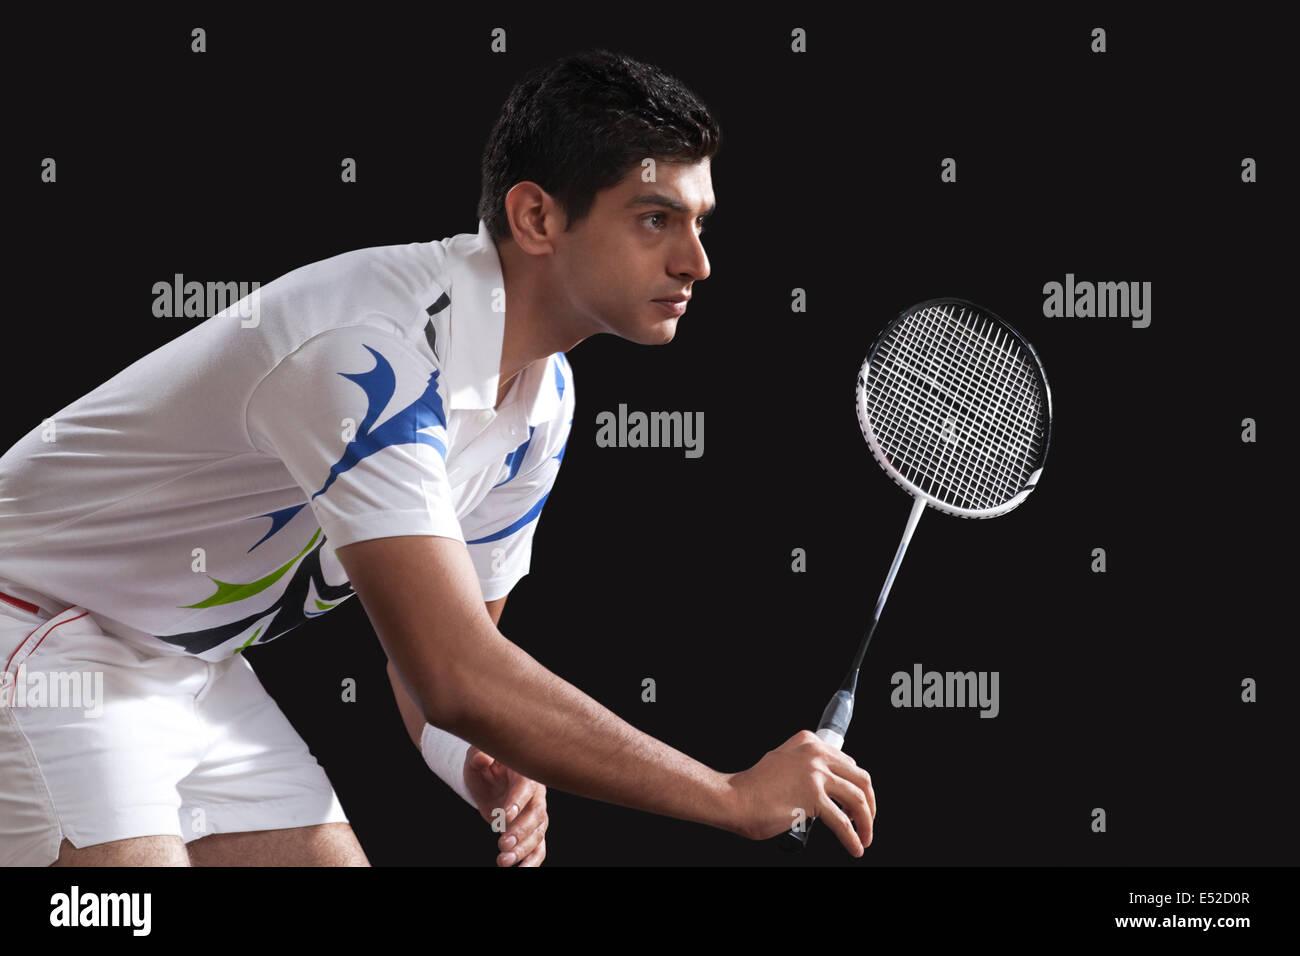 Jeune mâle joueur avec racket jouer au badminton sur fond noir isolé Photo Stock